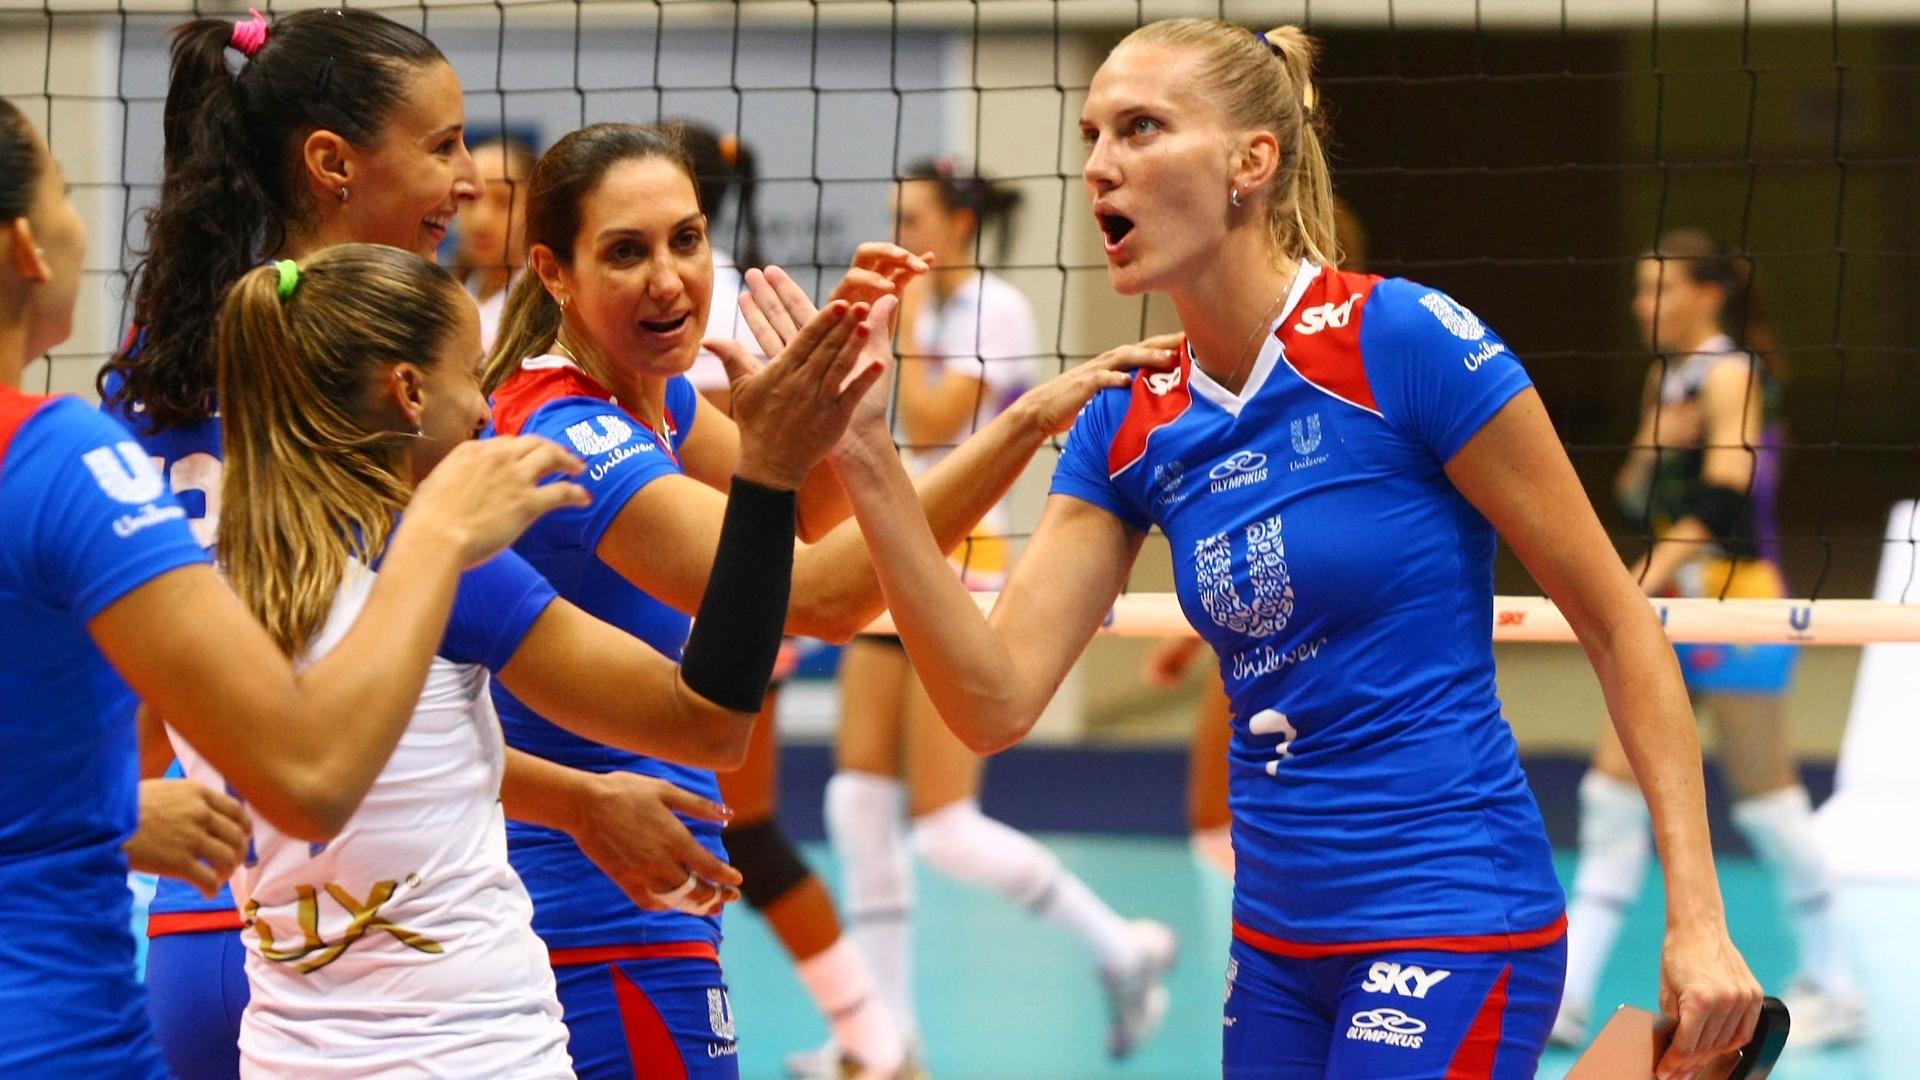 Mari é eleita a melhor jogadora da vitória da Unilever sobre o Vôlei Futuro (24/01/2012)